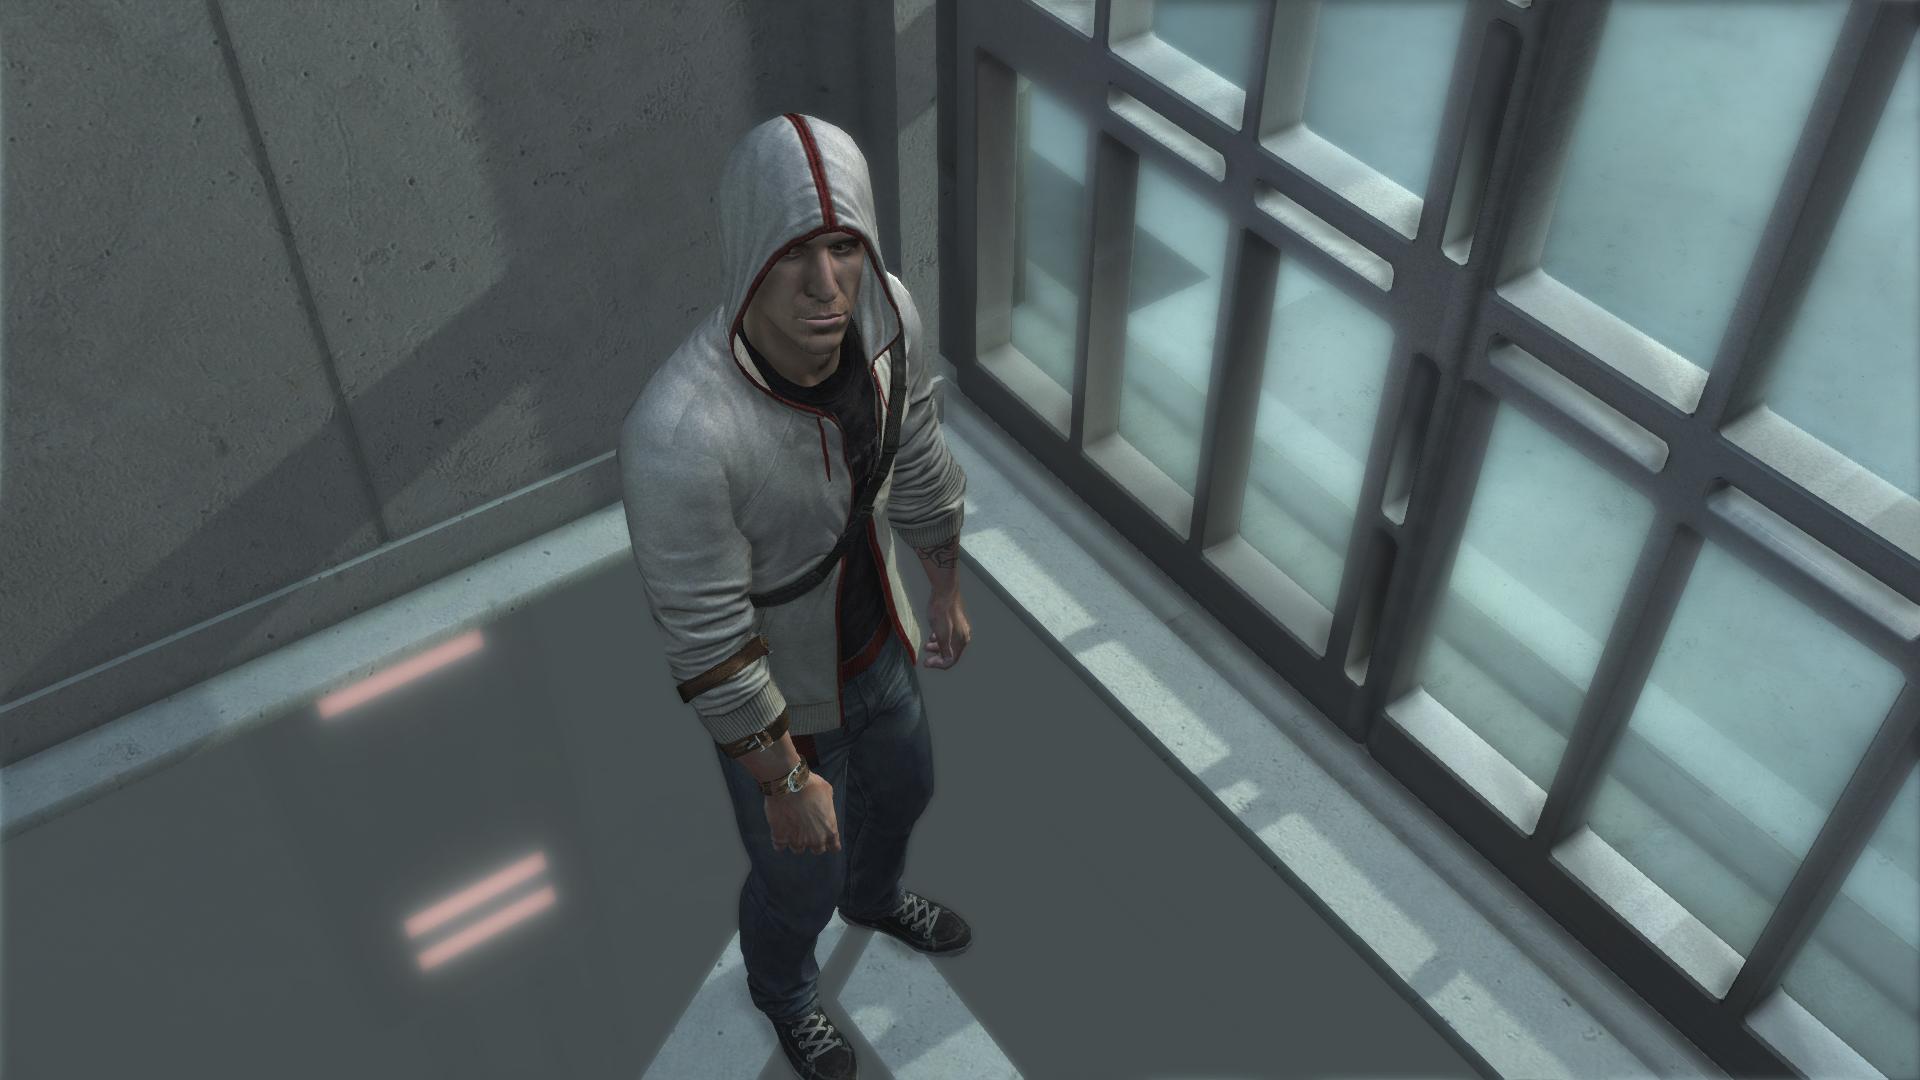 gdzie podłączasz źródło zasilania w Assassins Creed 3 prezent świąteczny dla kogoś, z kim się spotykasz